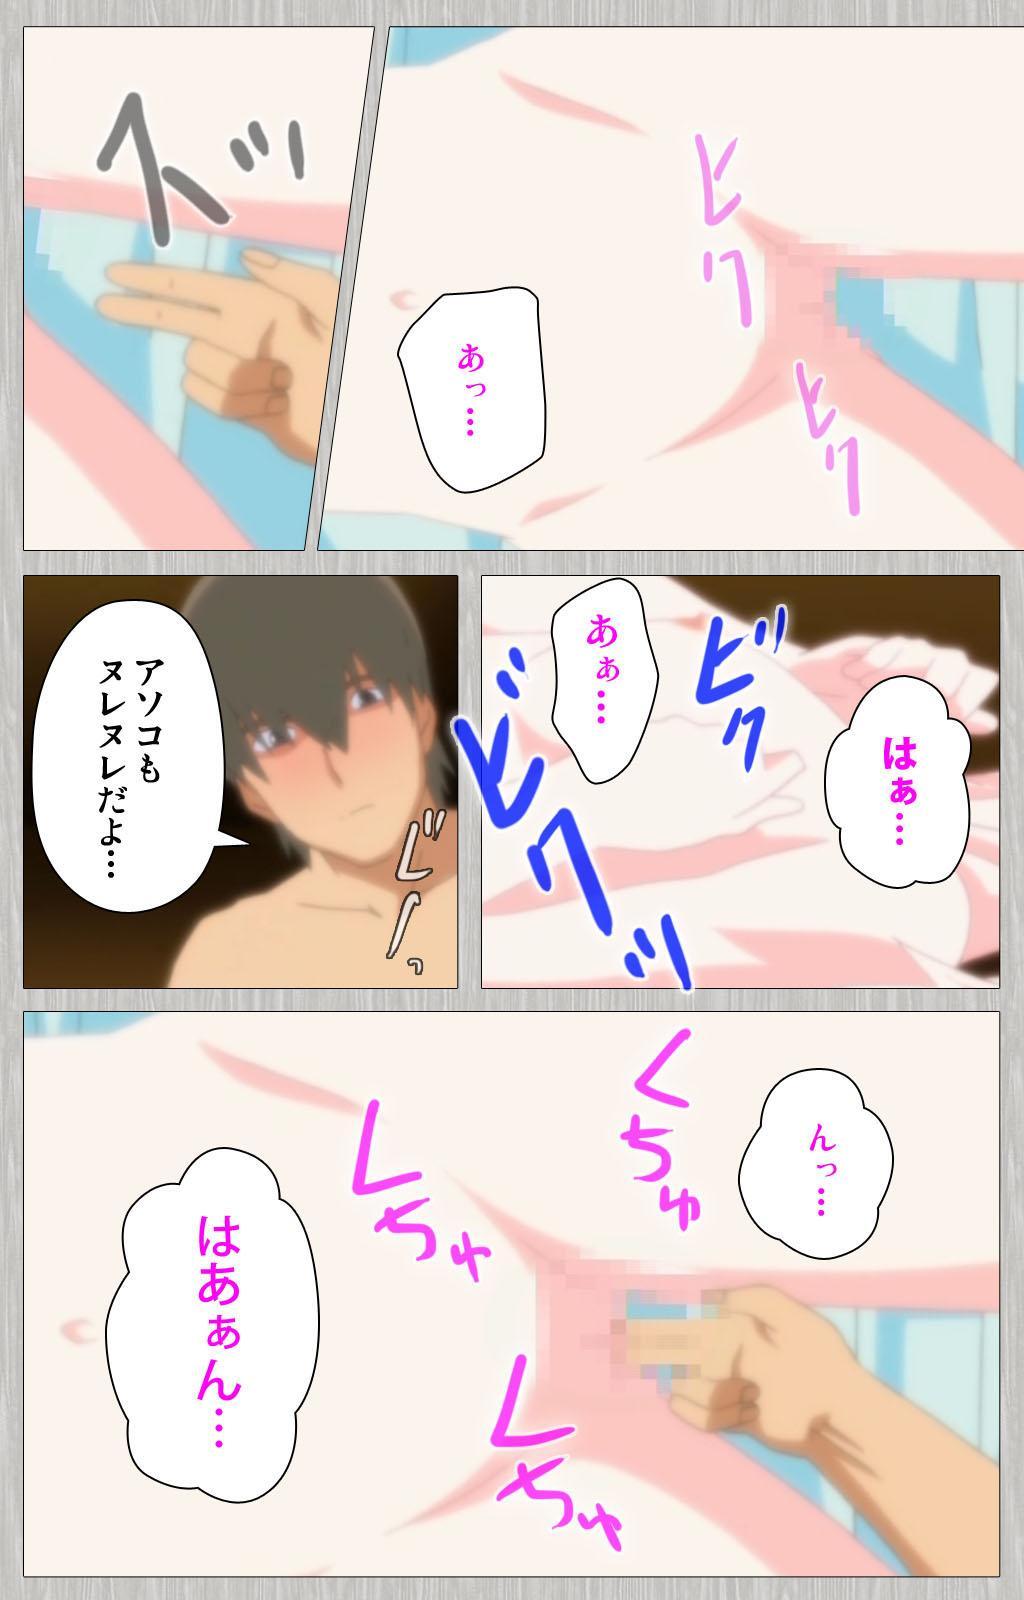 Tsuma no haha Sayuri Kanzenban 15